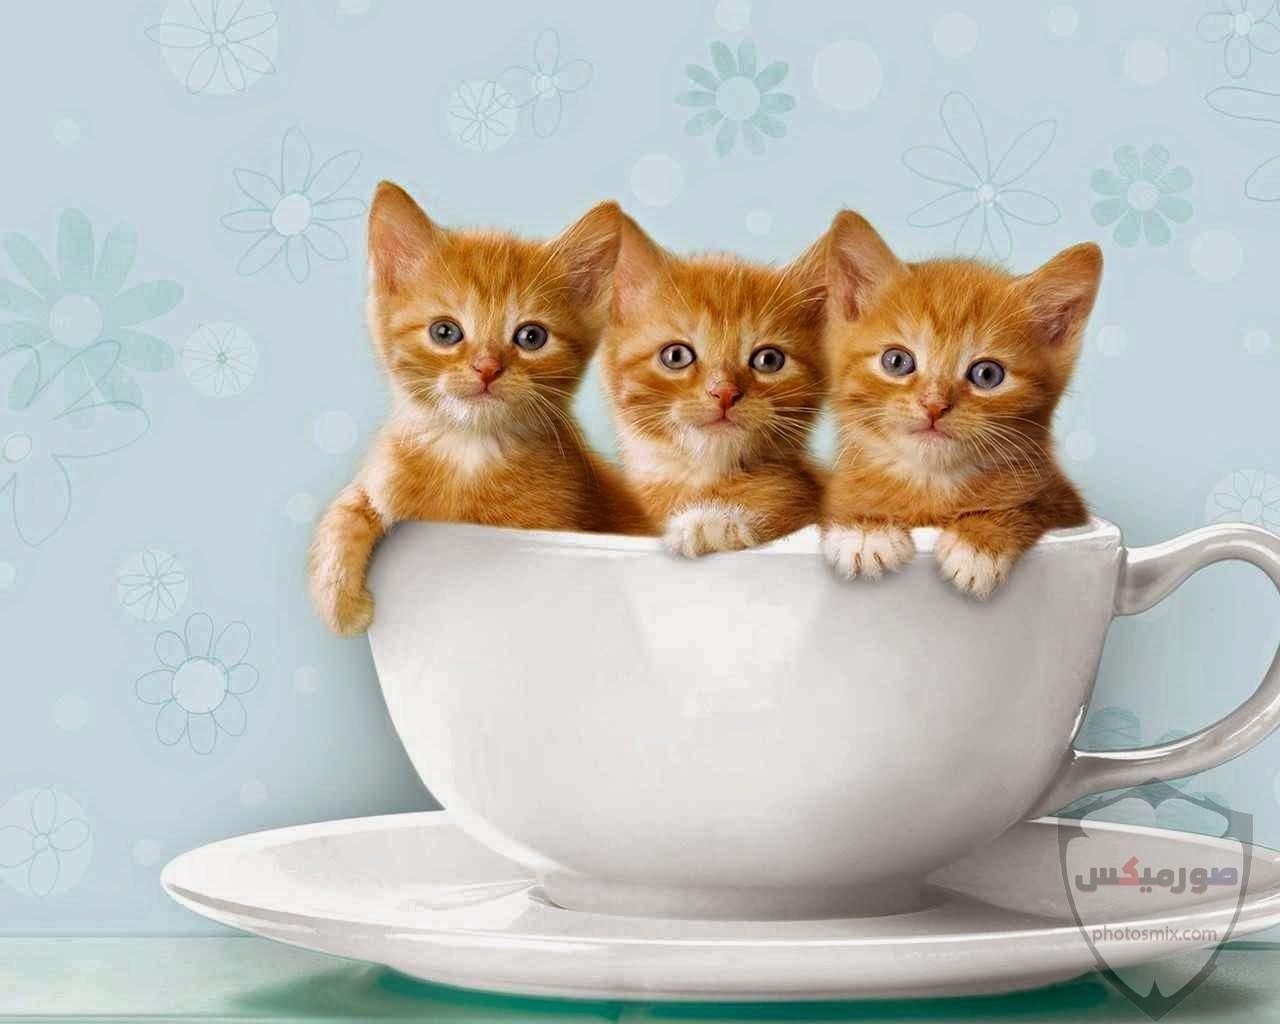 صور خلفيات رمزيات قطط كيوت صورة قطة كيوت جدا 47